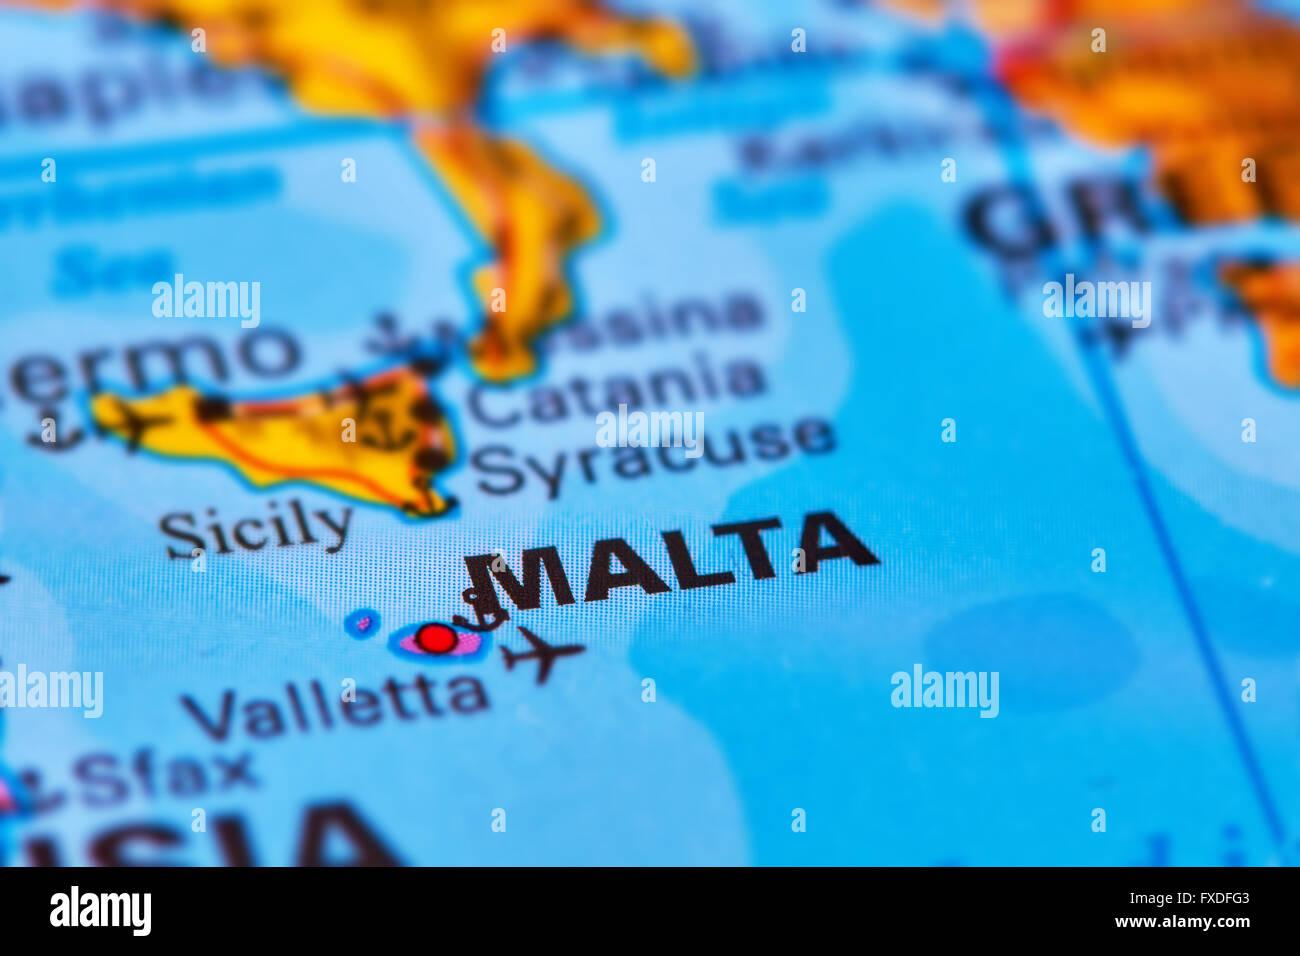 Isola Di Malta Cartina Geografica.Isole Di Malta In Europa Sulla Mappa Del Mondo Foto Stock Alamy